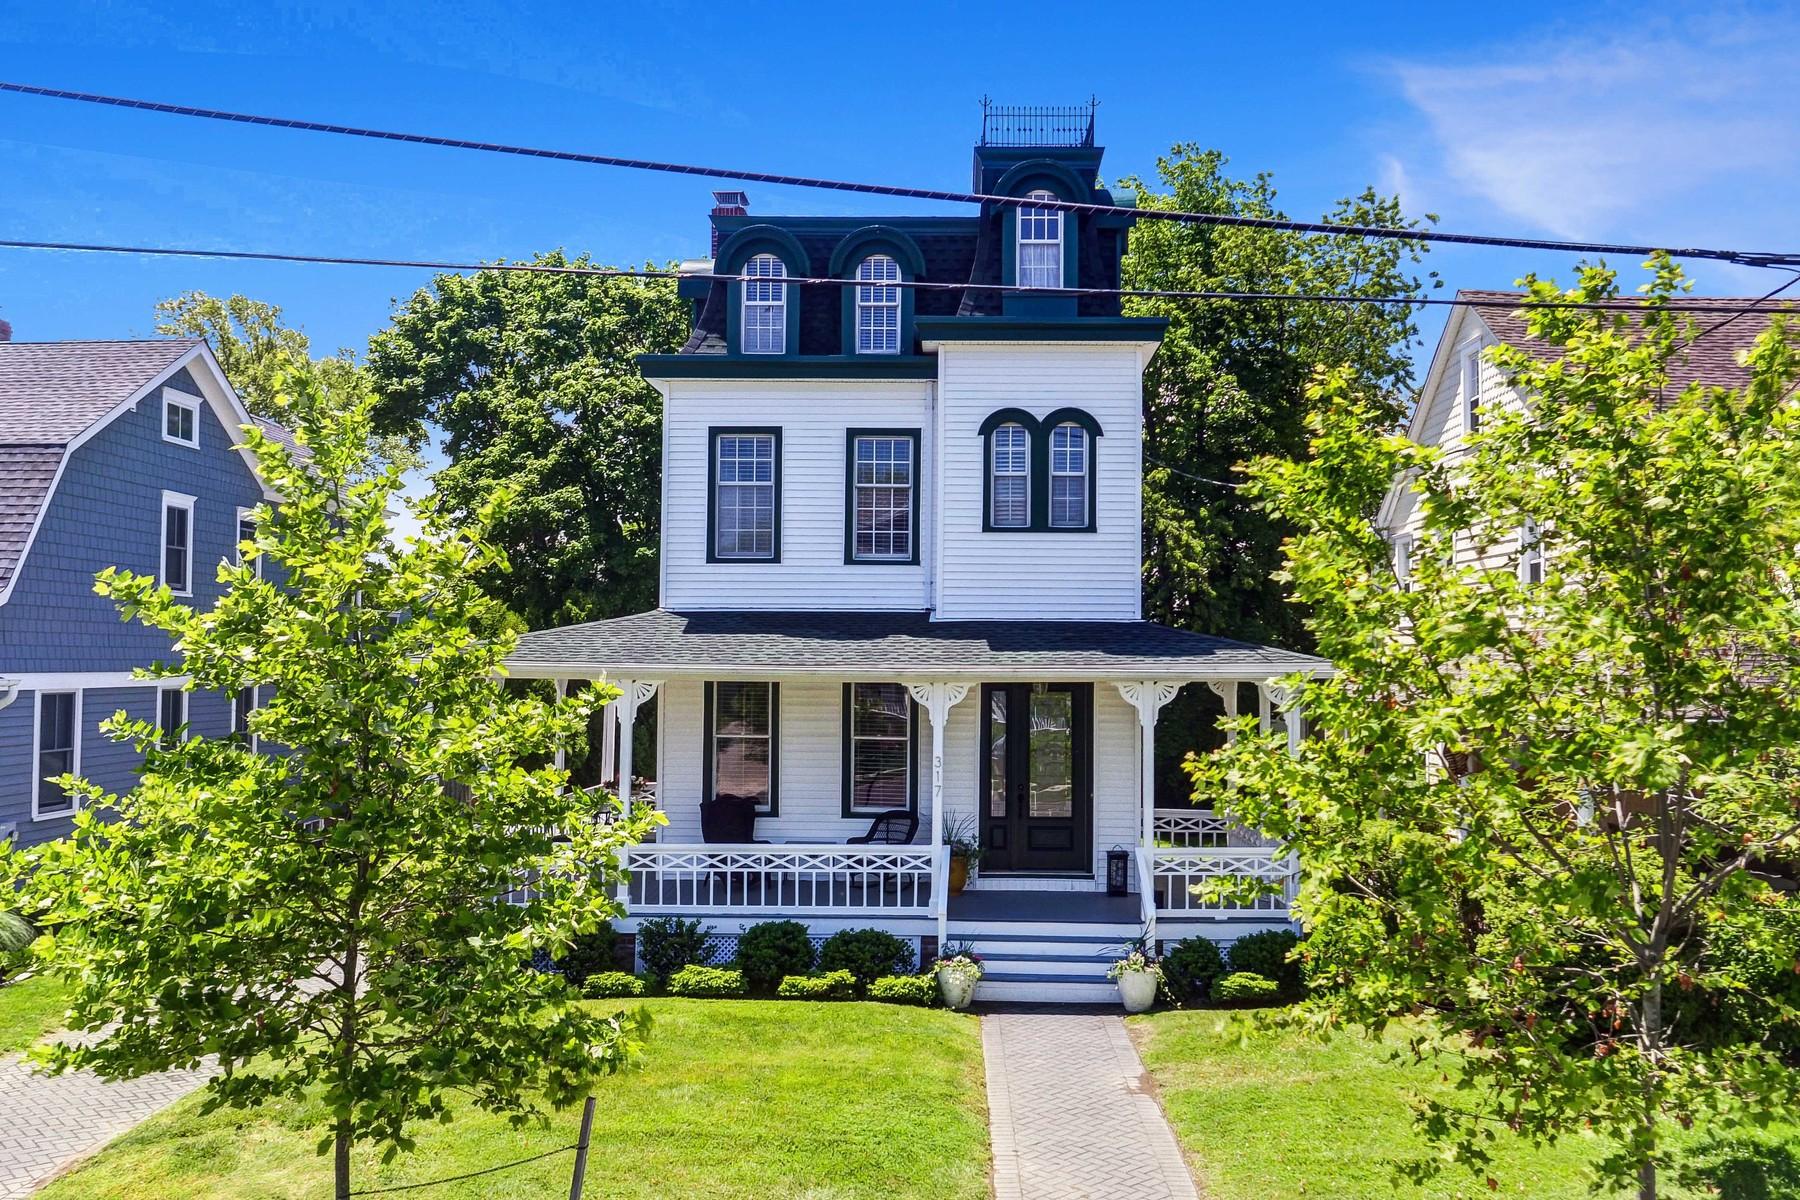 Casa Unifamiliar por un Venta en Spring Lake Victorian 317 Jersey Ave Spring Lake, Nueva Jersey 07762 Estados Unidos